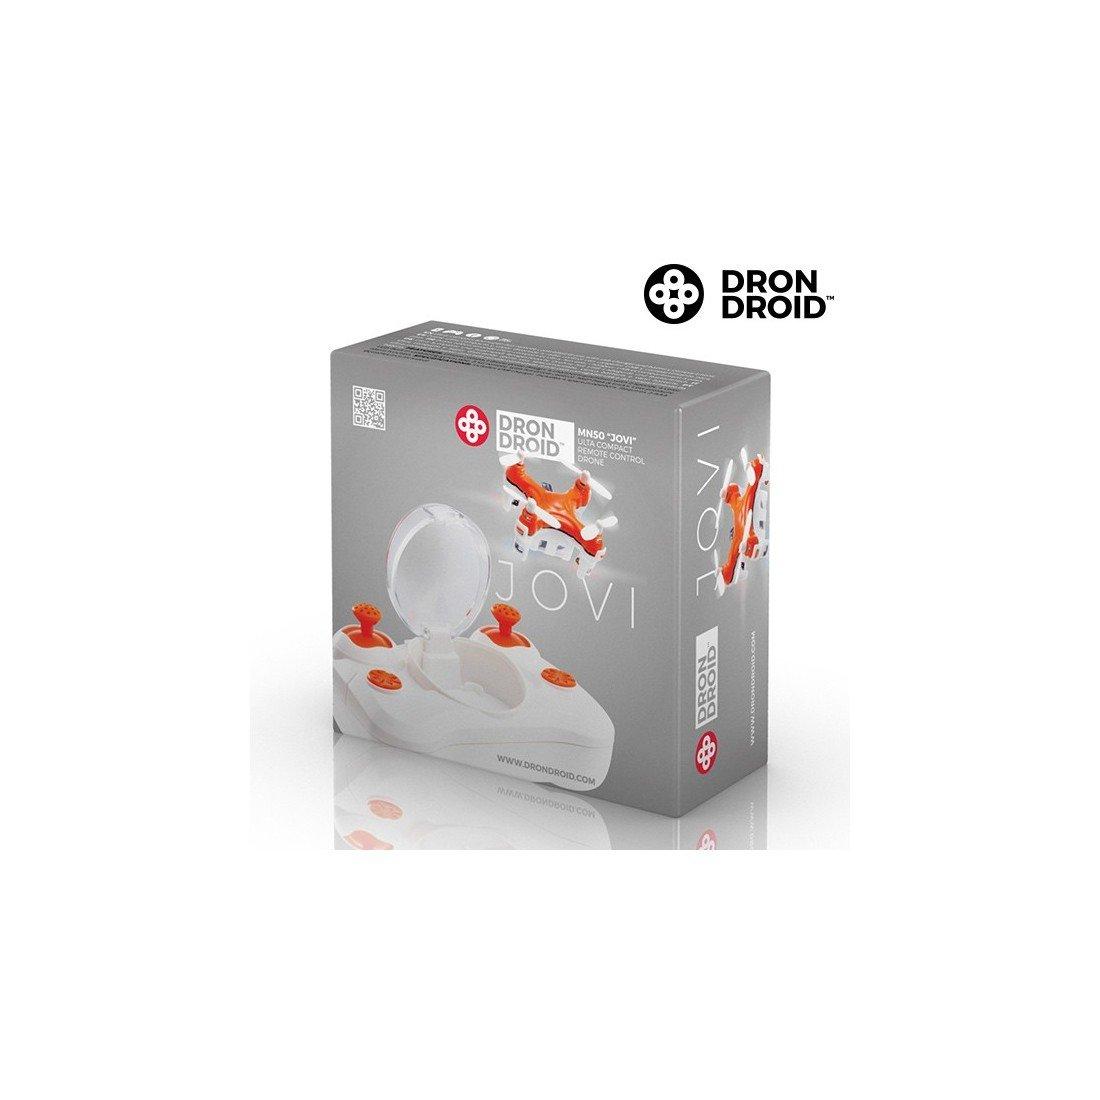 Bitblin- Dron Droid Jovi (Igs MN50): Amazon.es: Juguetes y juegos